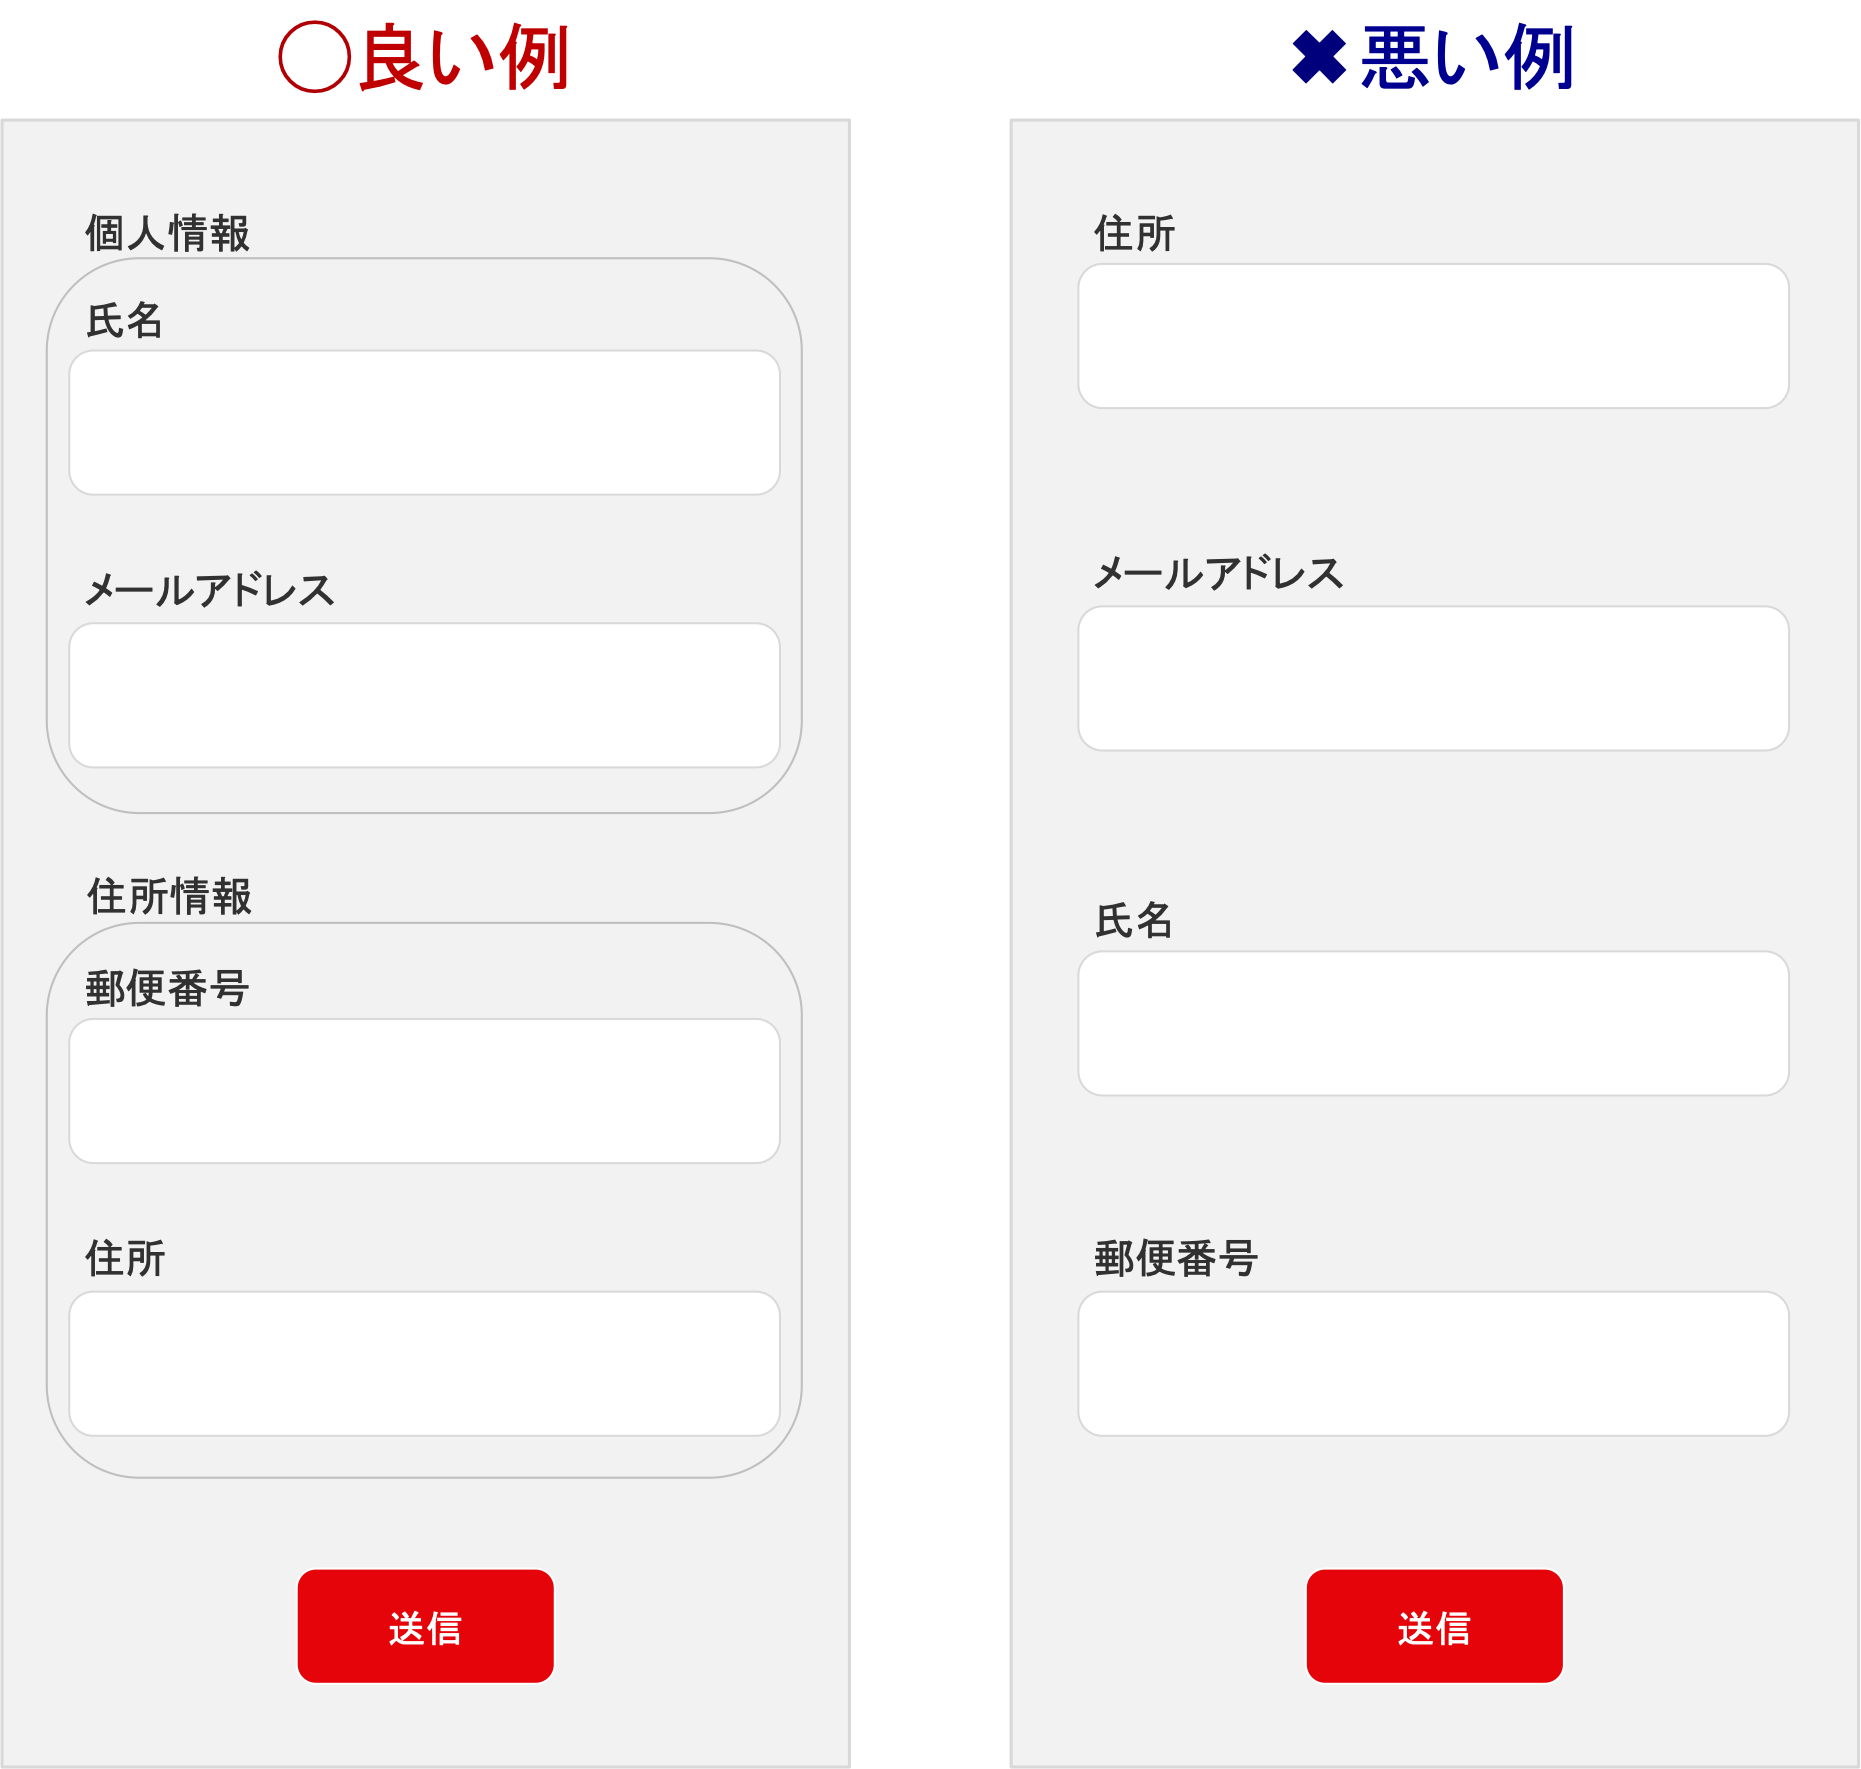 入力フォーム内の関連項目をグループ化するデザイン例